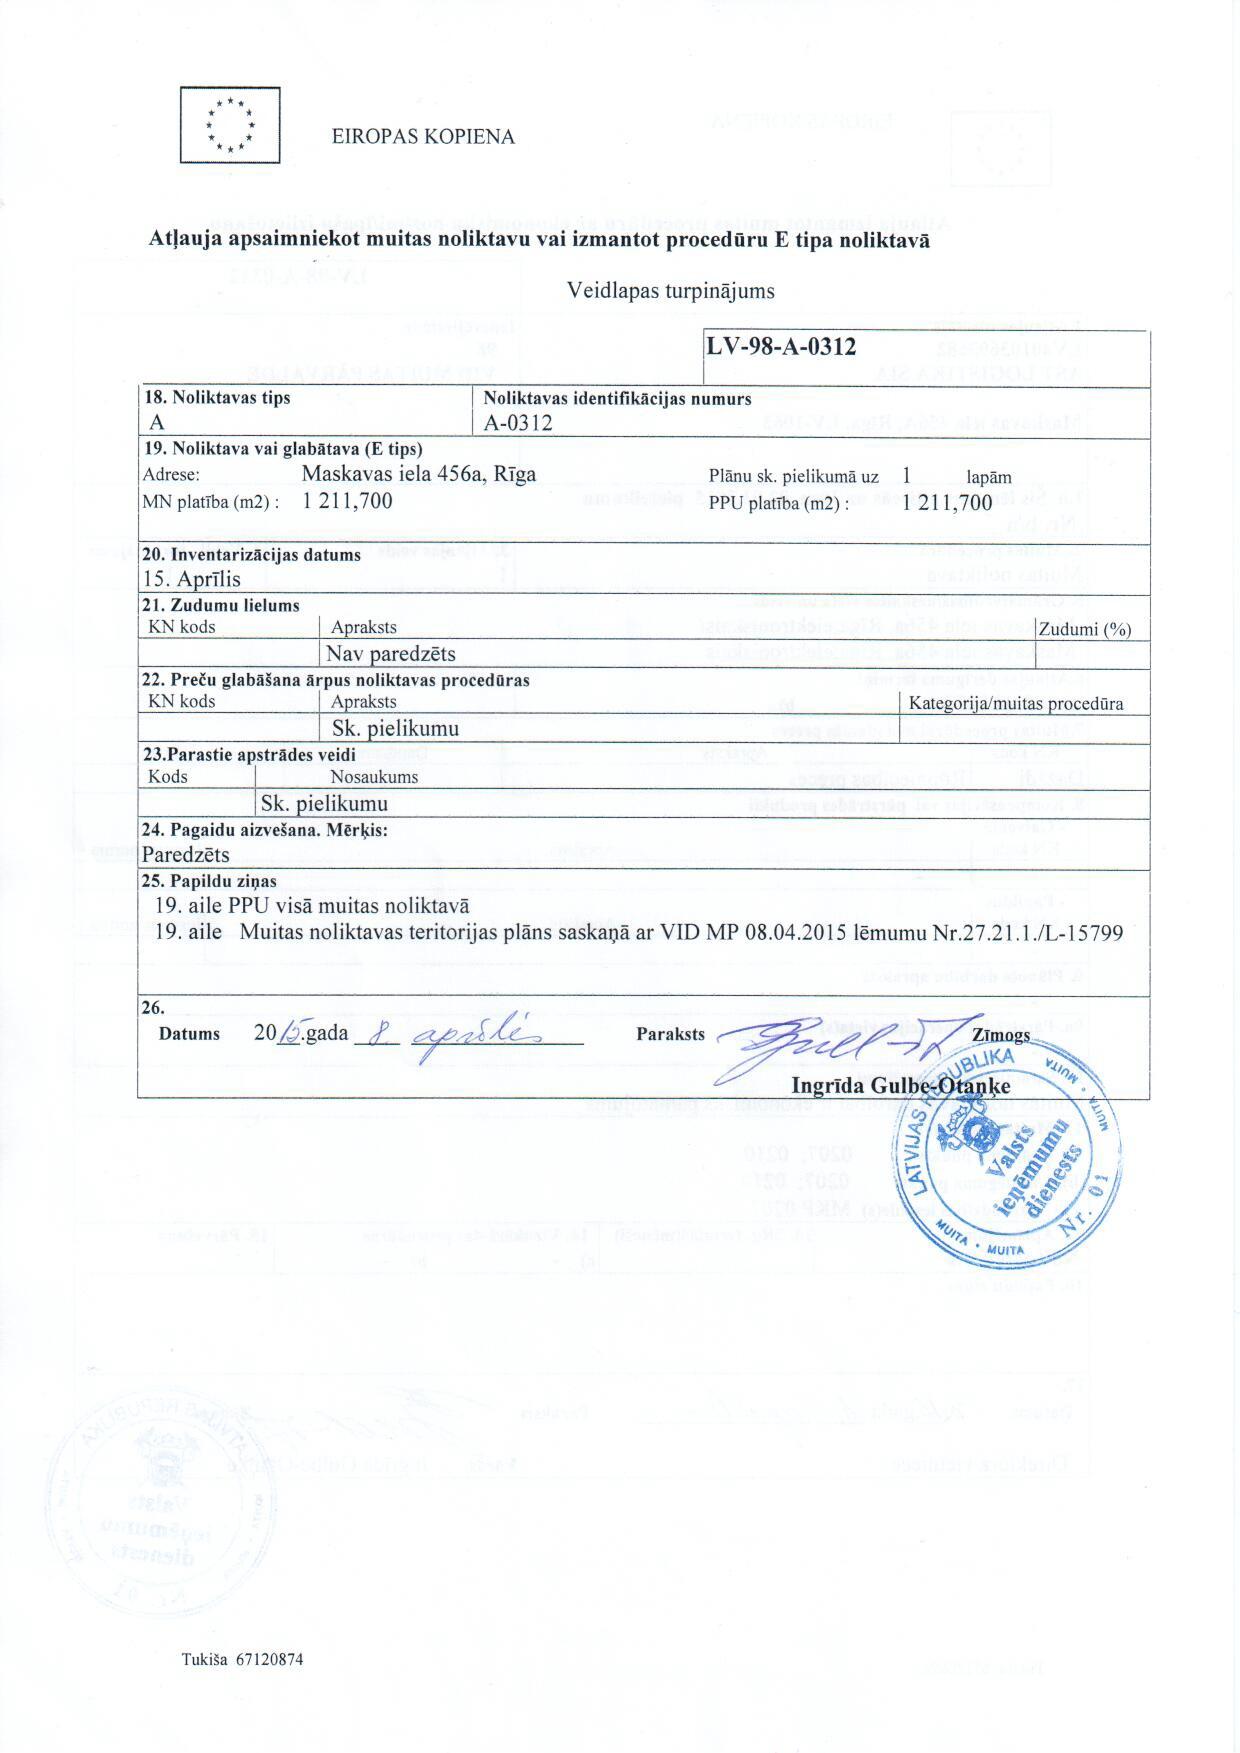 Разрешение на обслуживание таможенного склада или использование процедуры E типа на складе